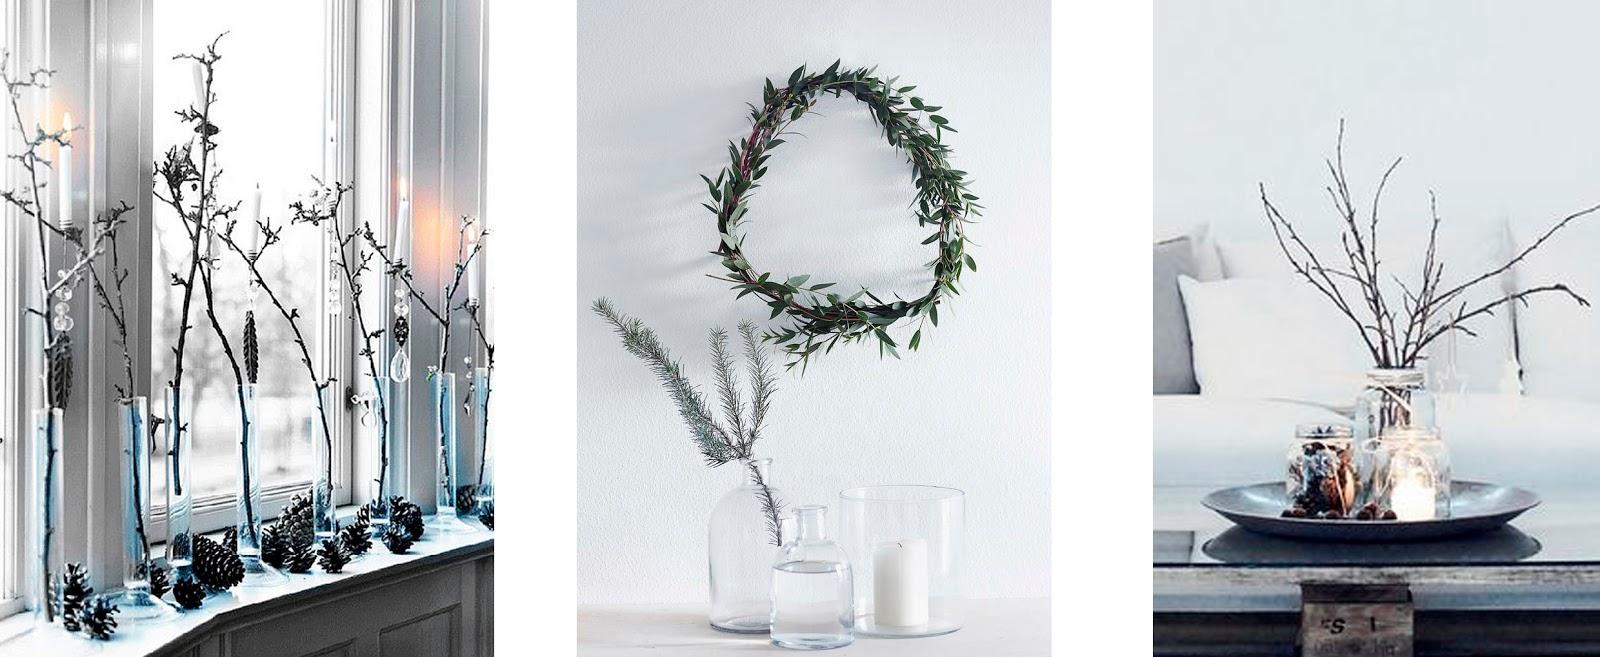 20 ideas para decorar en navidad con ramas secas amigos - Ramas secas para decorar ...